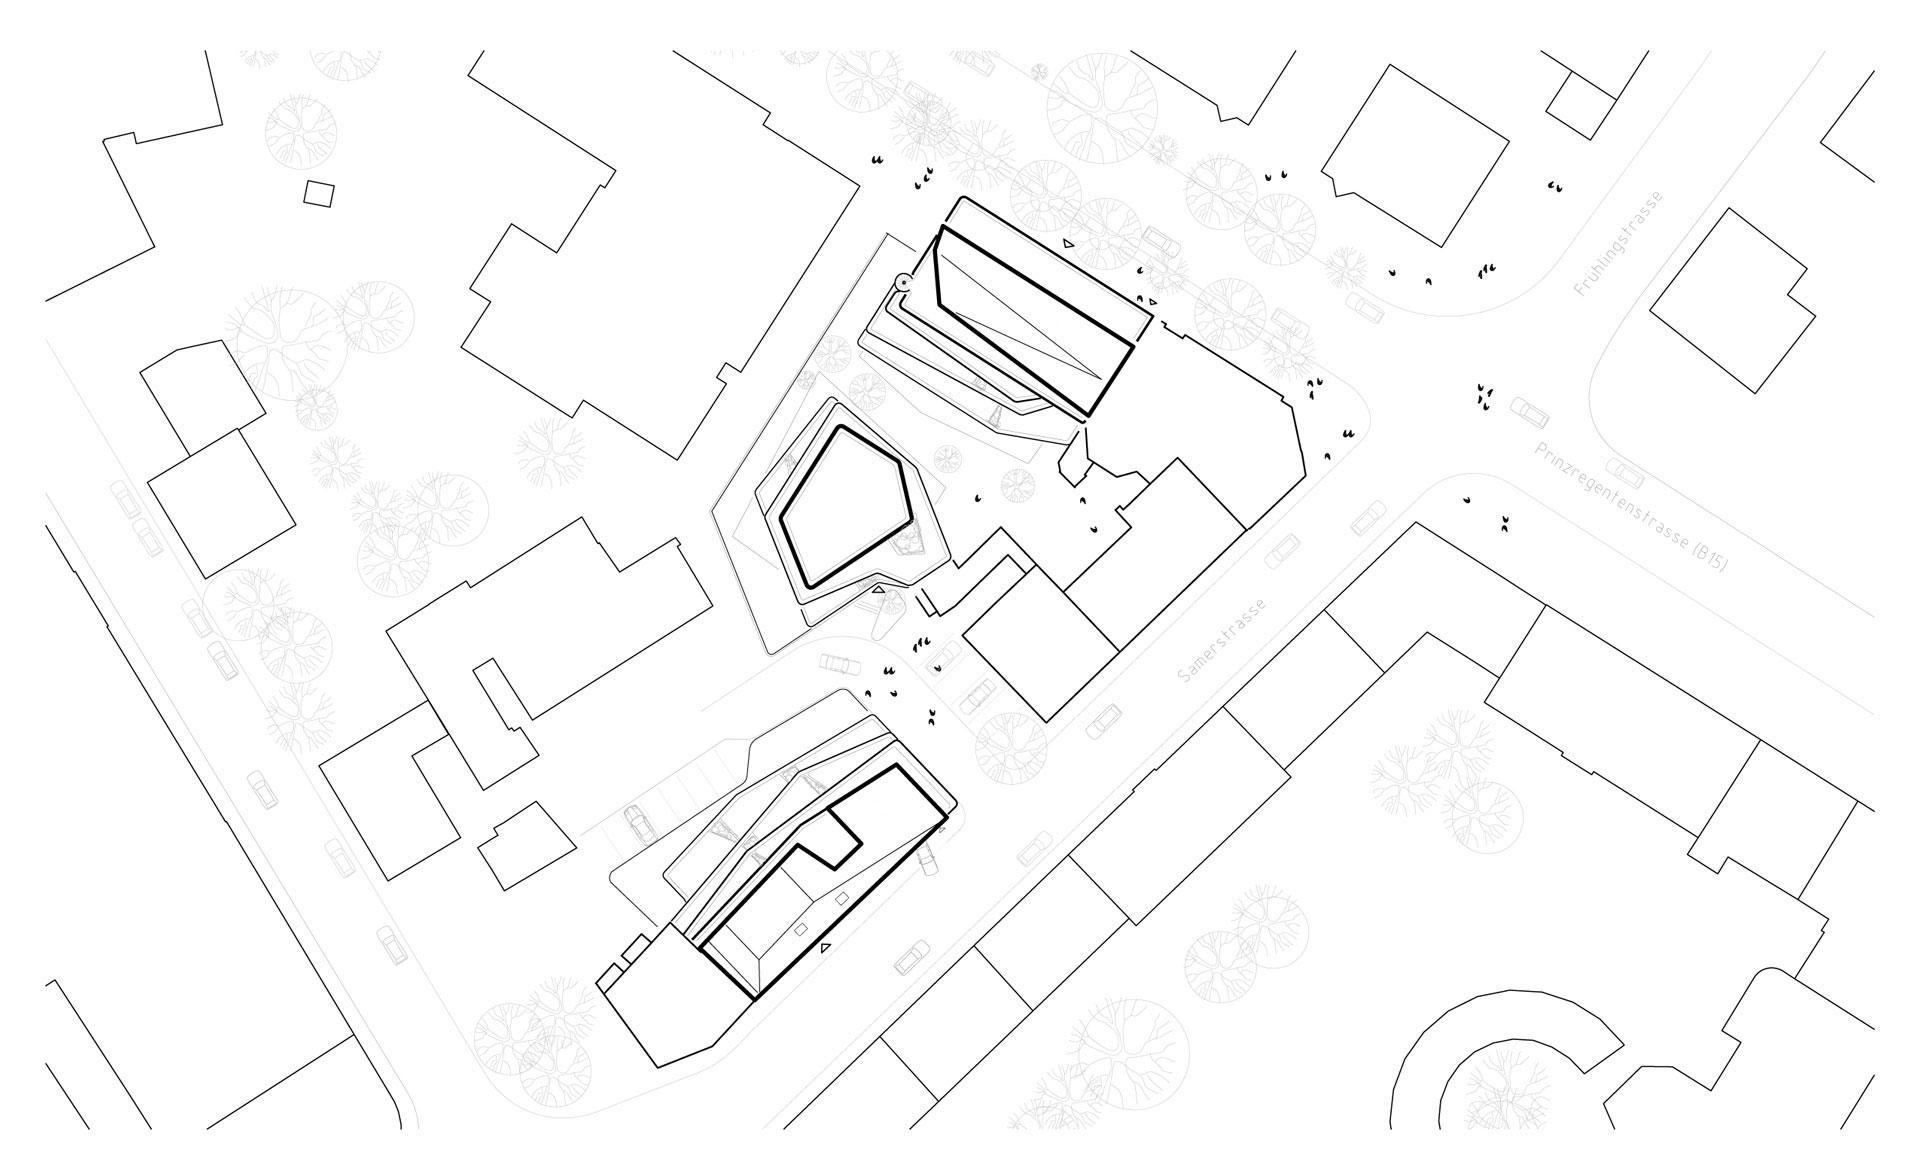 Architekten Rosenheim behnisch architekten capitol rosenheim